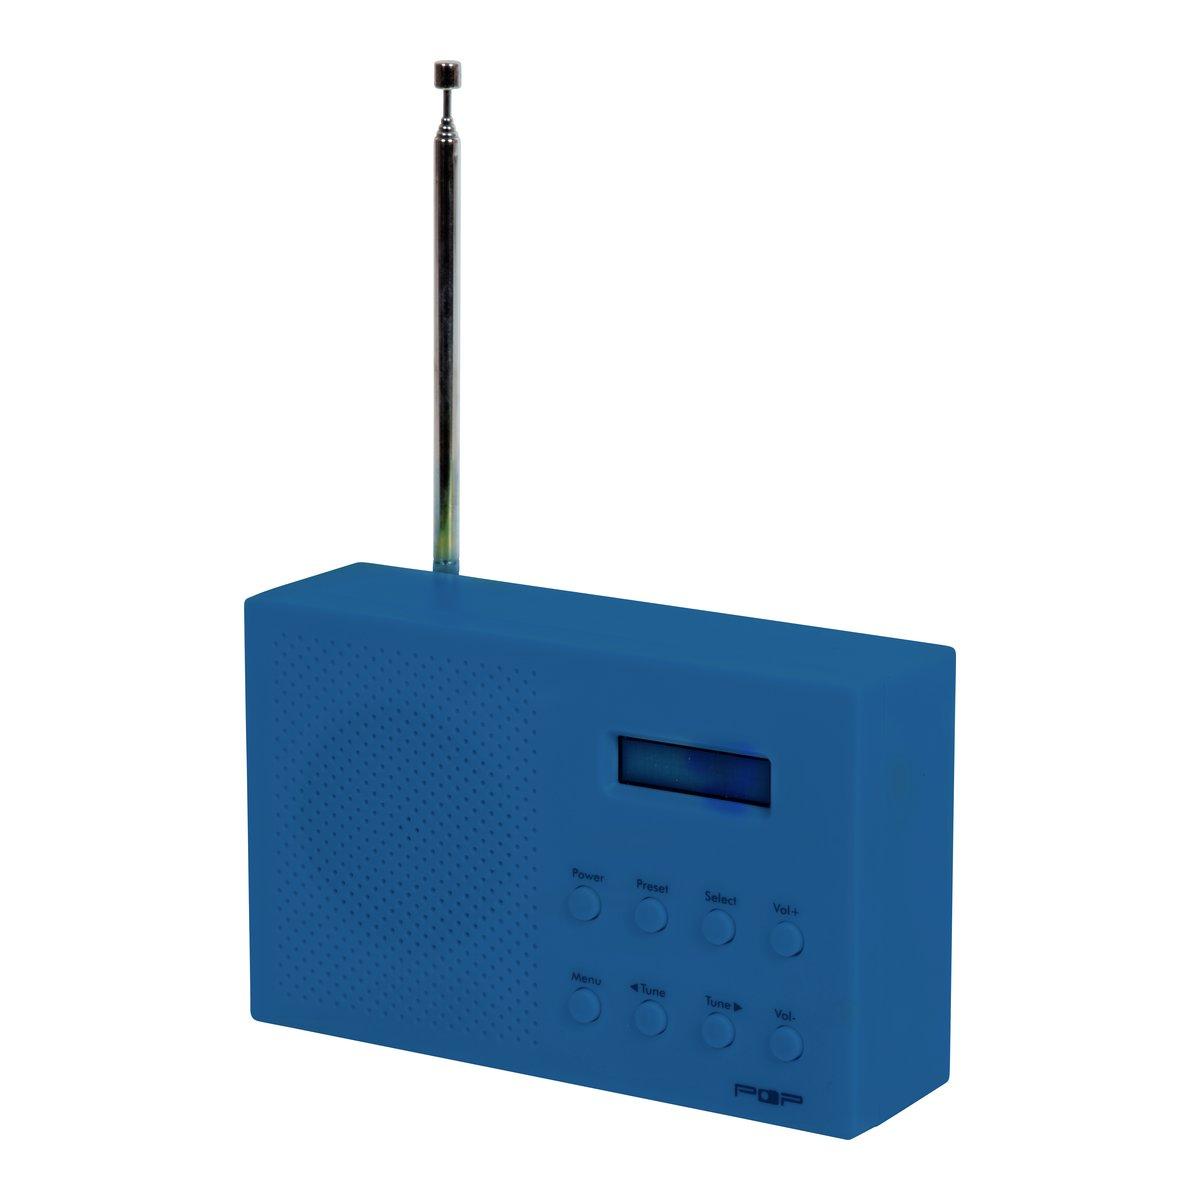 POPLITE RADIO-RAD002